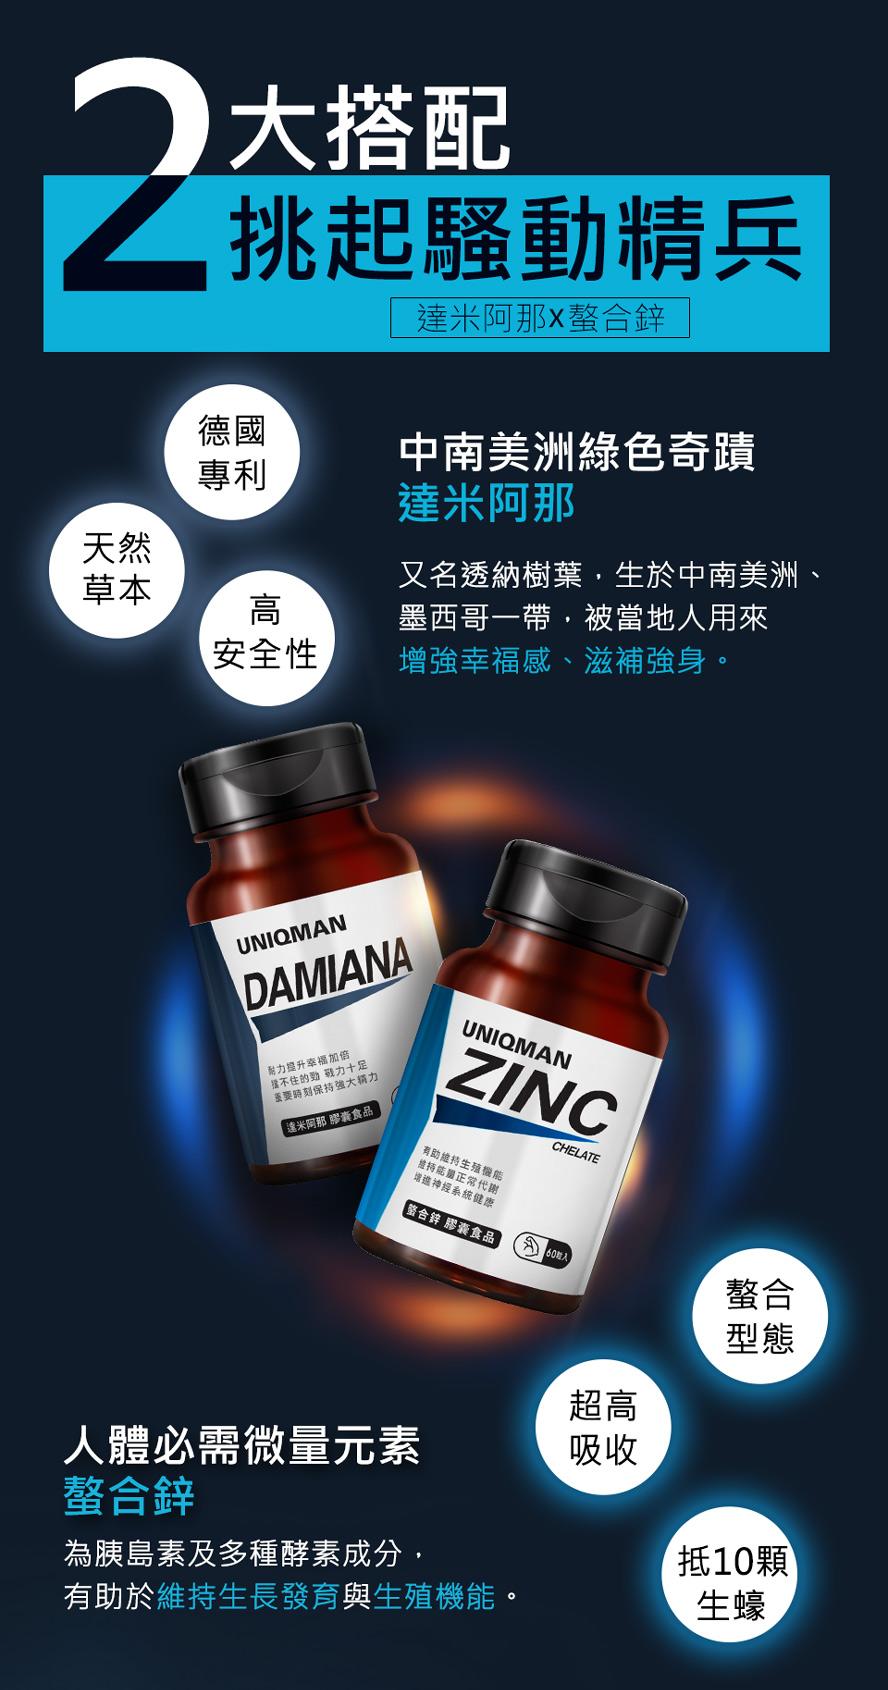 螯合鋅與達米阿那搭配食用更有效,讓感覺不間斷,精力滿滿